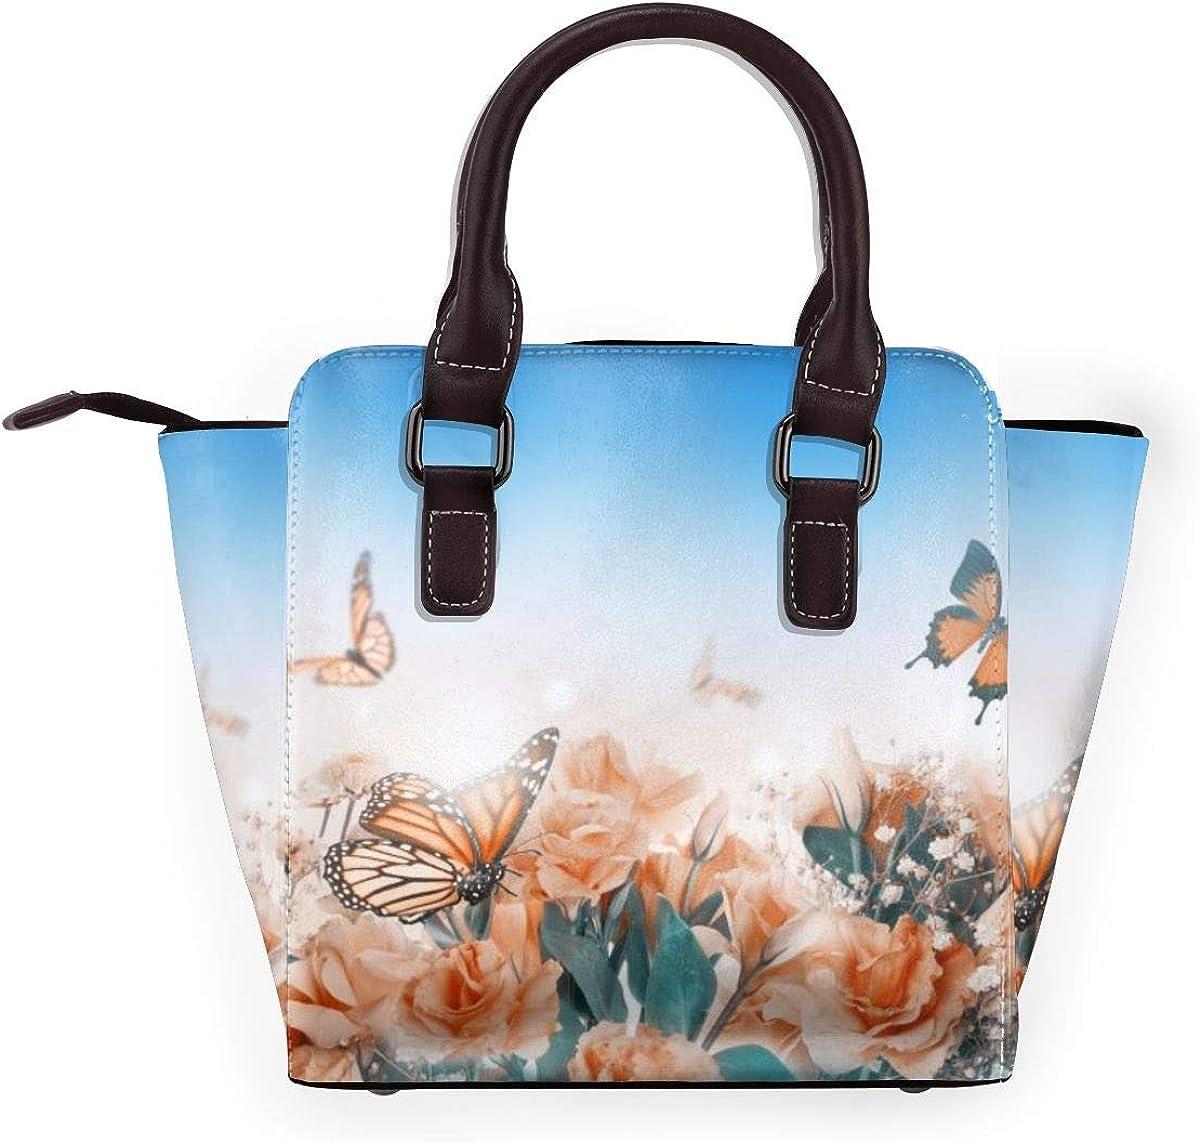 LalaQ Sac à bandoulière en cuir véritable avec rivets papillons camomille pour femme Papillon de Roses Délicates.